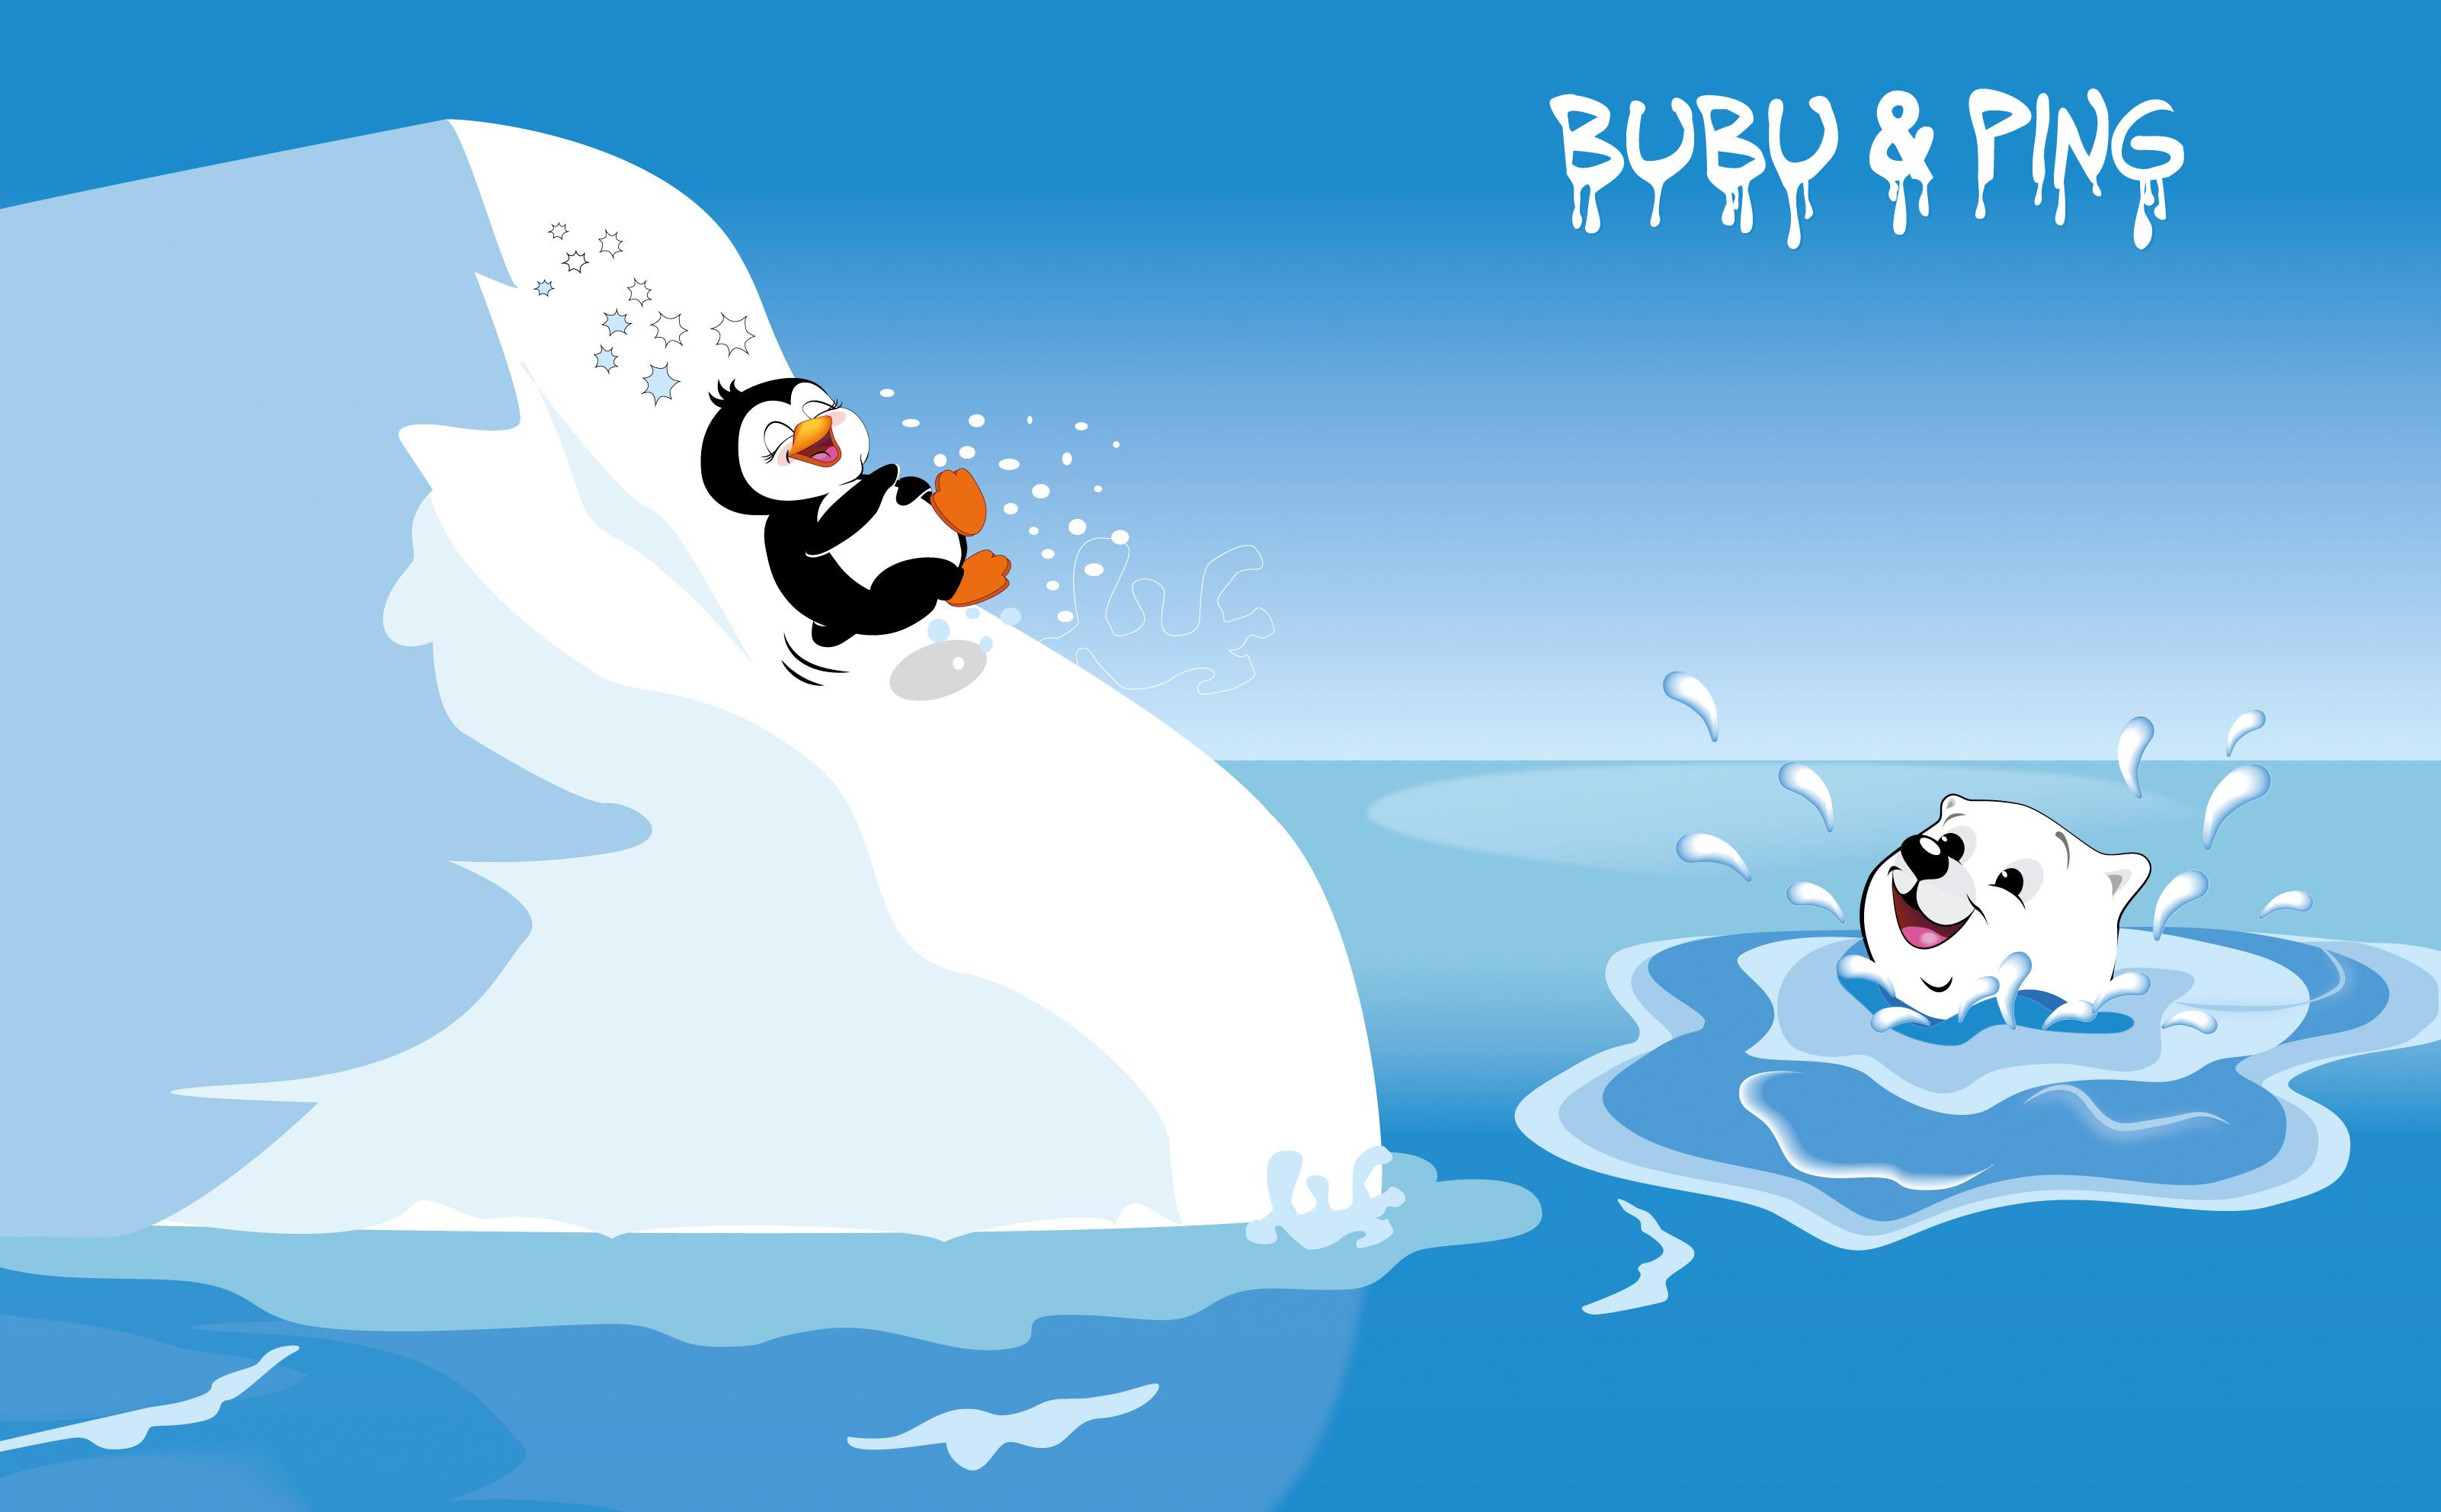 Illustration Eisbär und Pinguin beim Eisbergrutschen für LikeIce Kunsteis Bärenland für Kinder